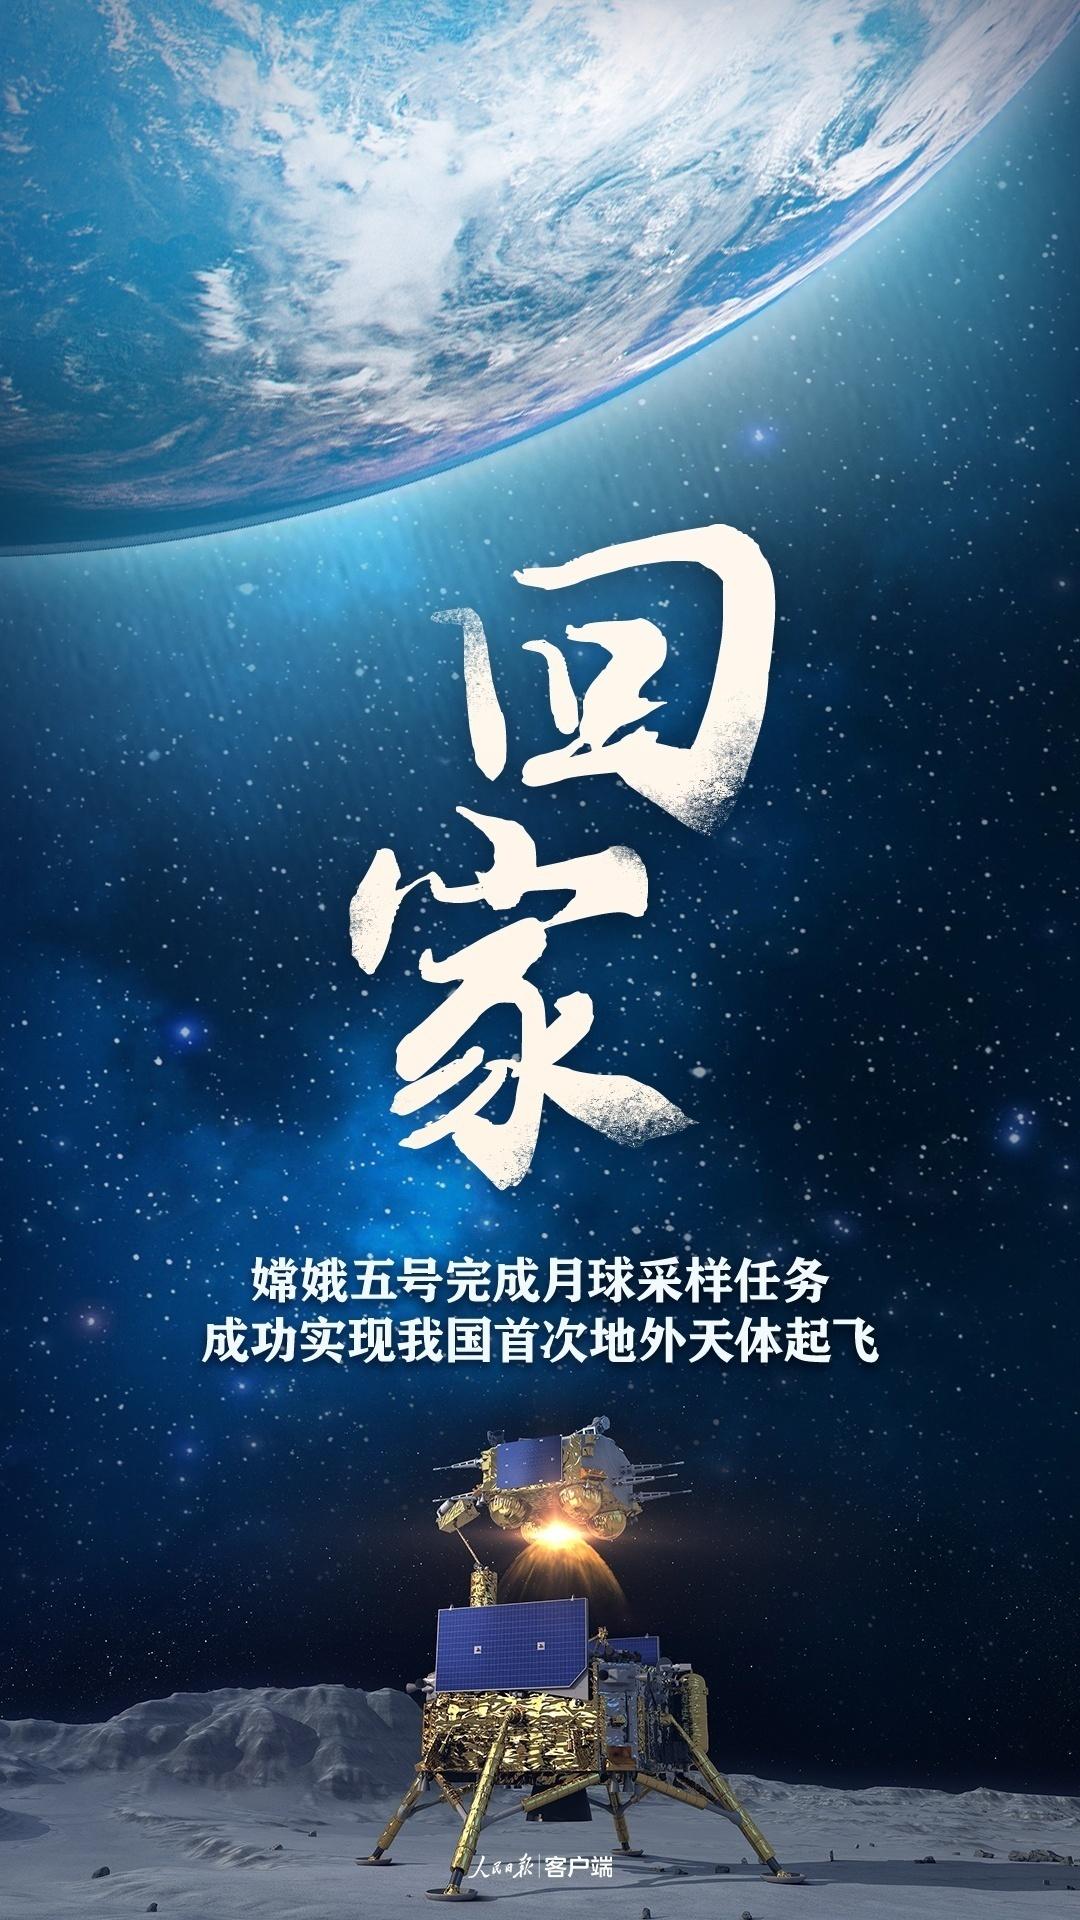 中国在月球首次实现国旗独立展示 厉害了我的国!!【图】